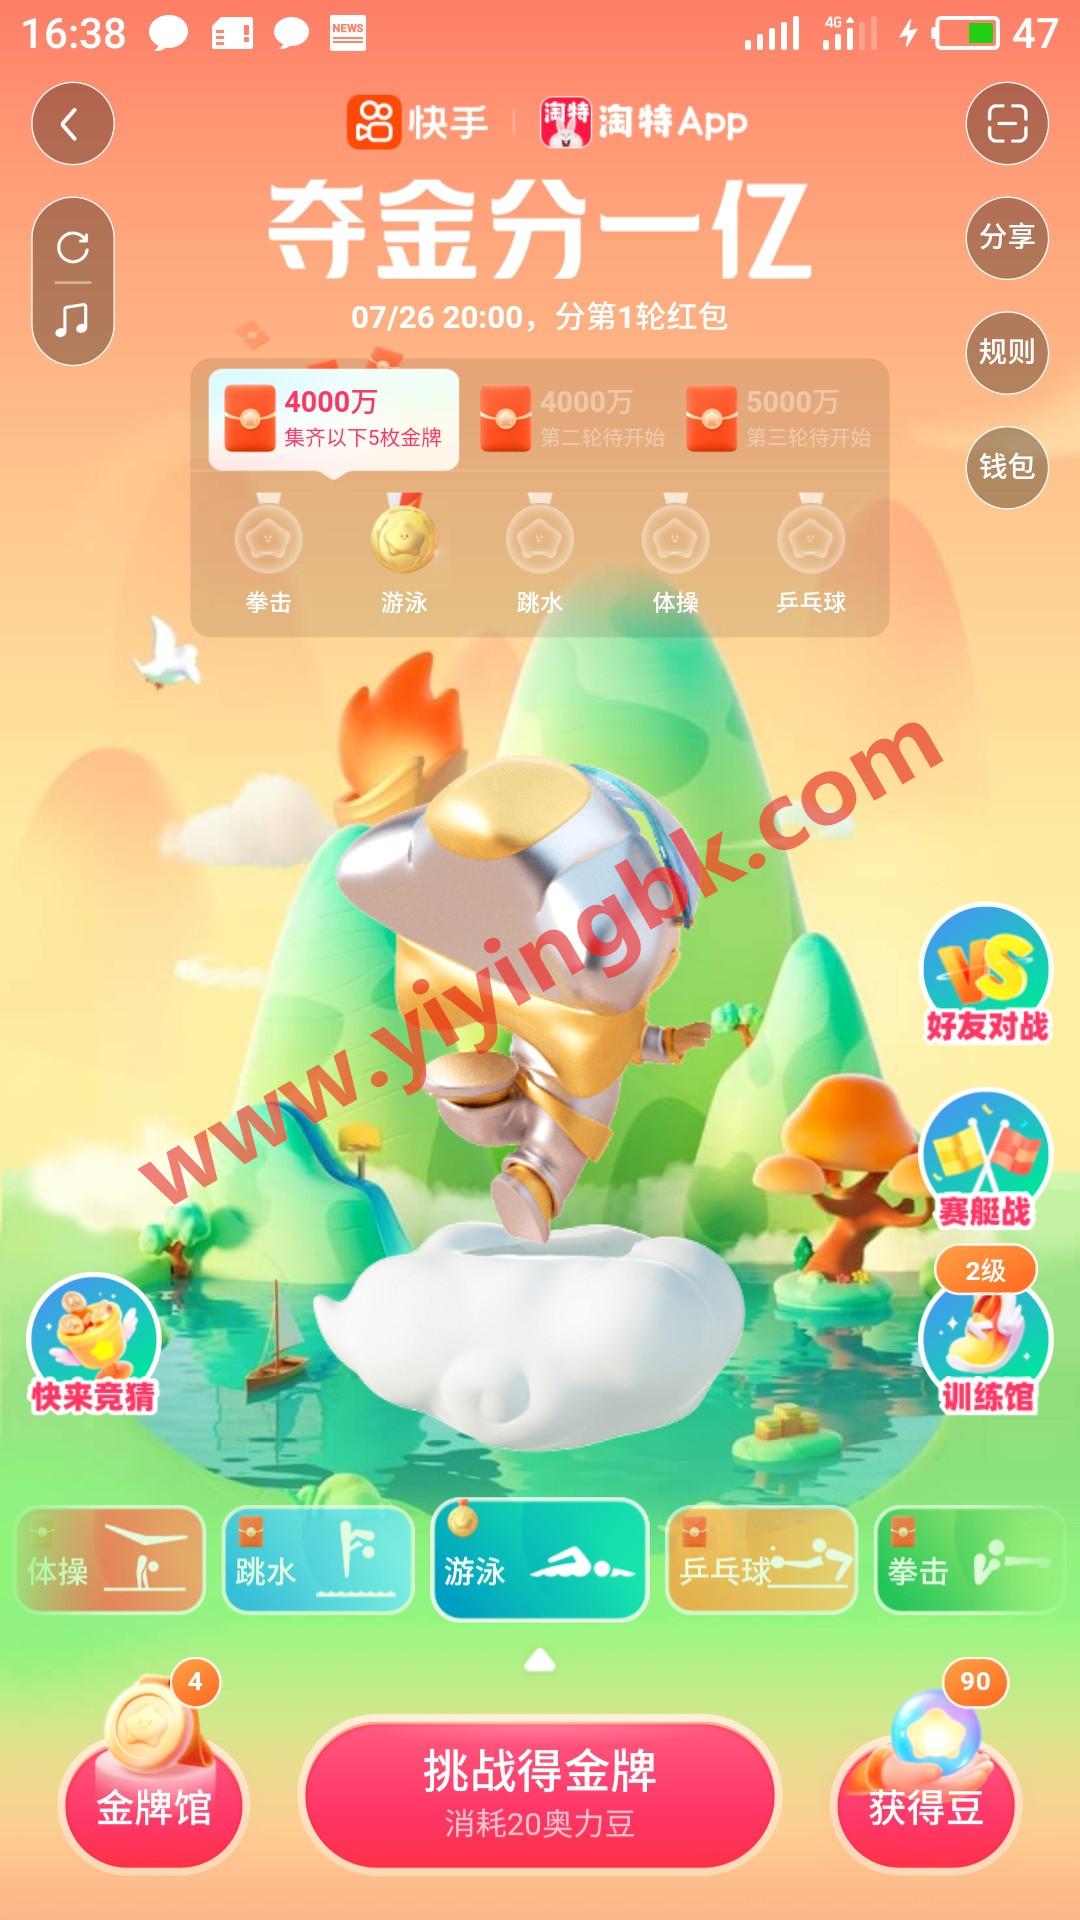 夺金分一亿三千万元现金红包,www.yiyingbk.com